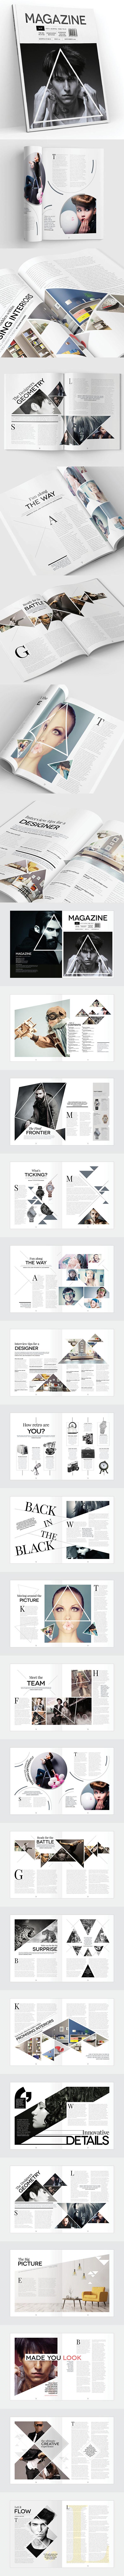 精緻的40張indesign排版範例欣賞